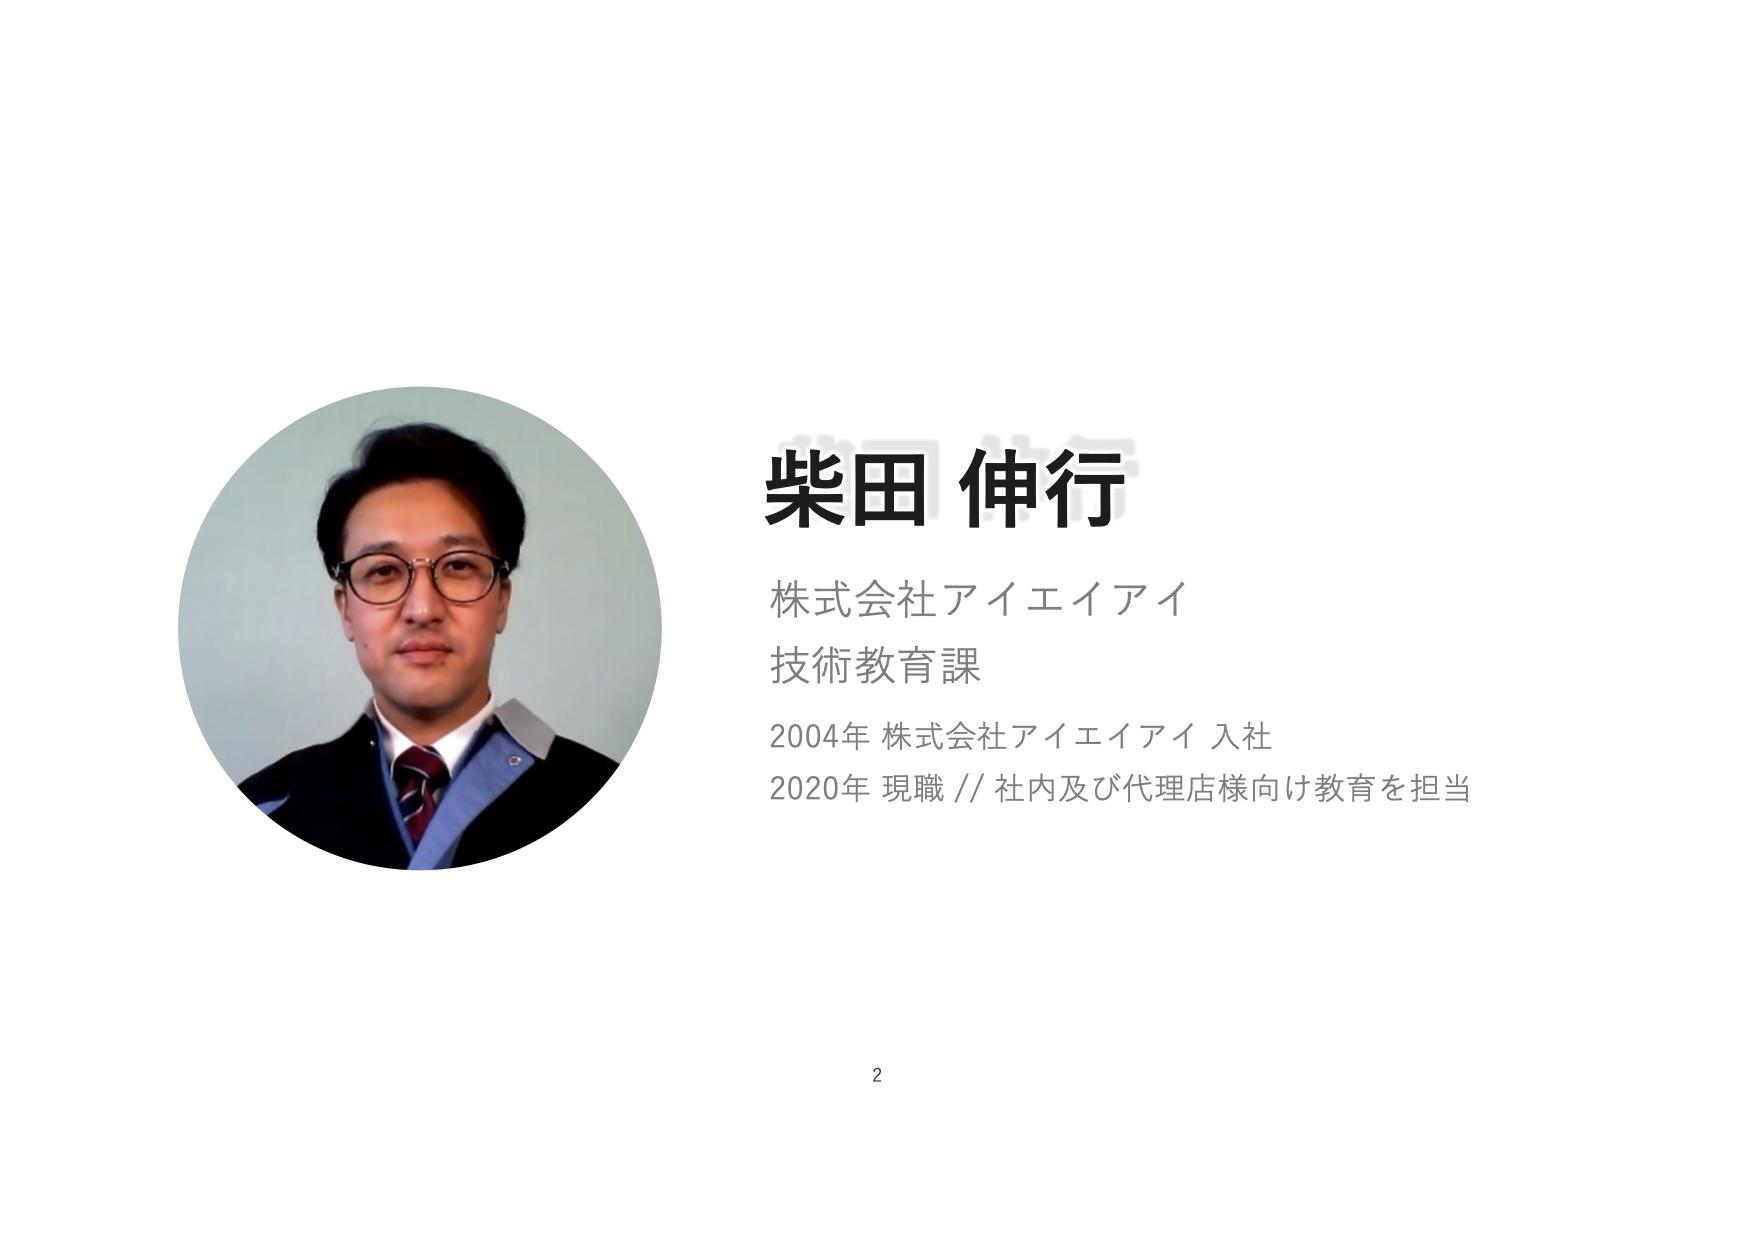 株式会社アイエイアイ 柴田伸行氏